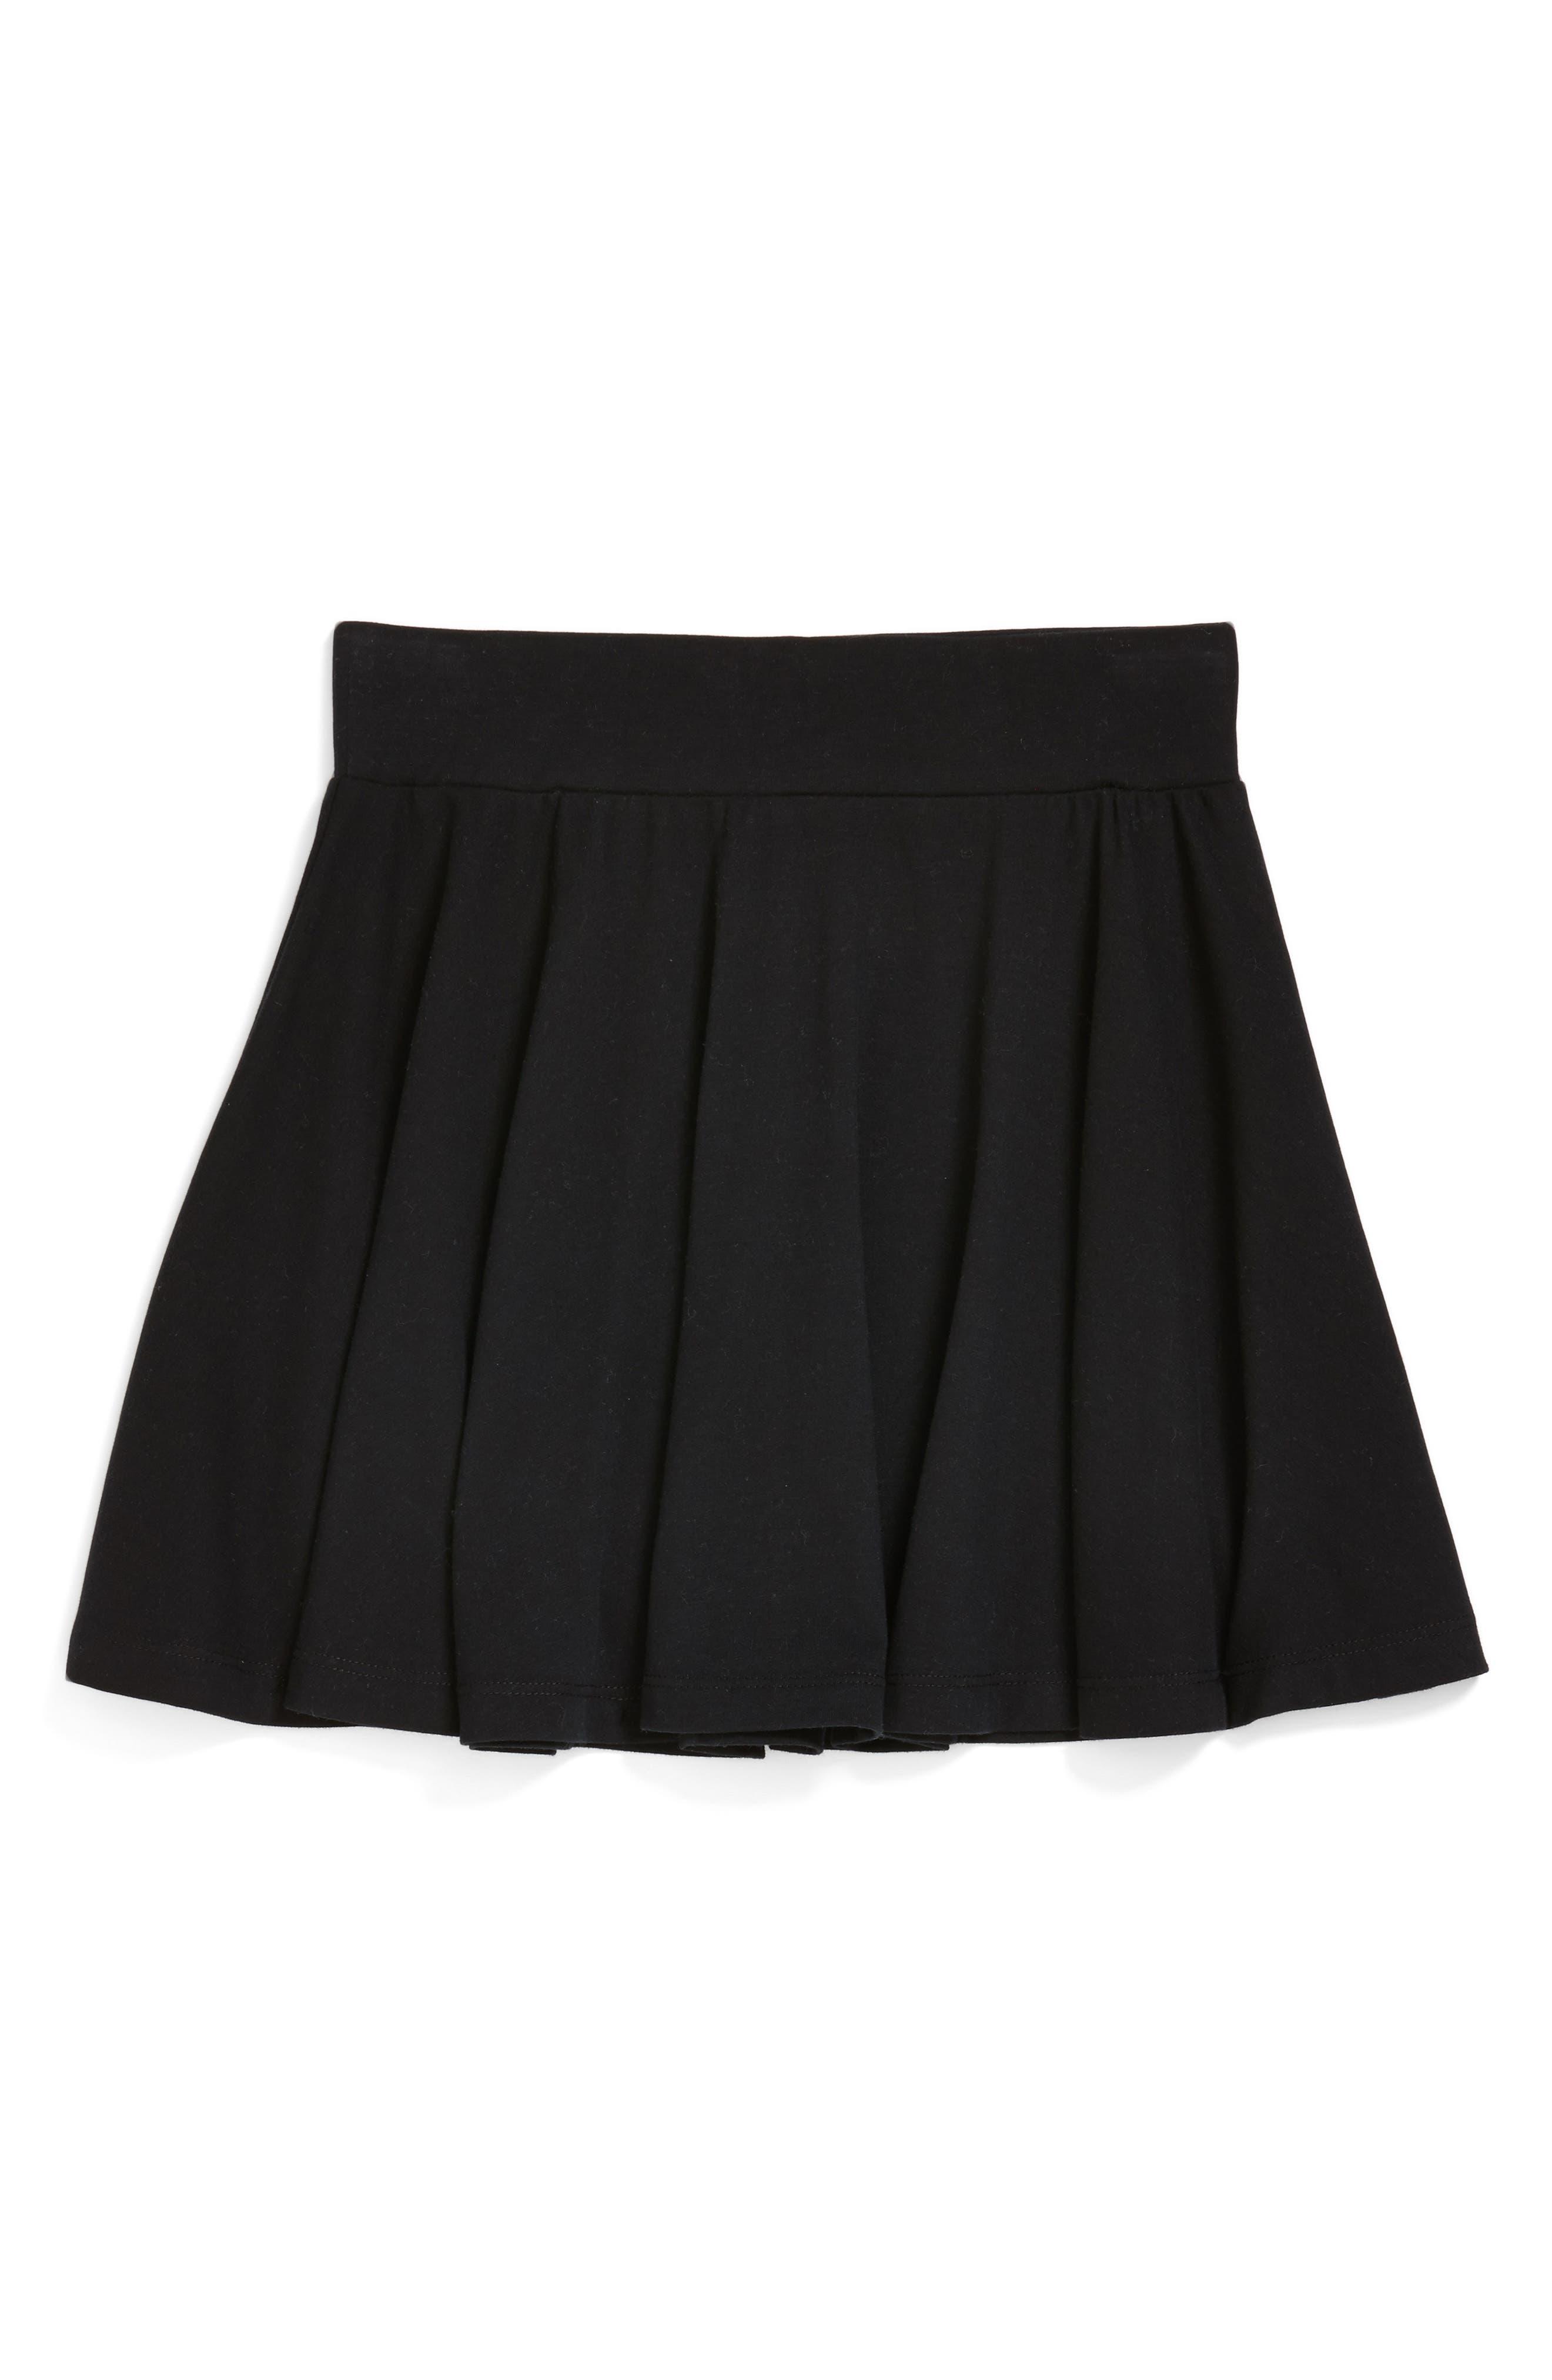 TUCKER + TATE Ali Skater Skirt, Main, color, BLACK